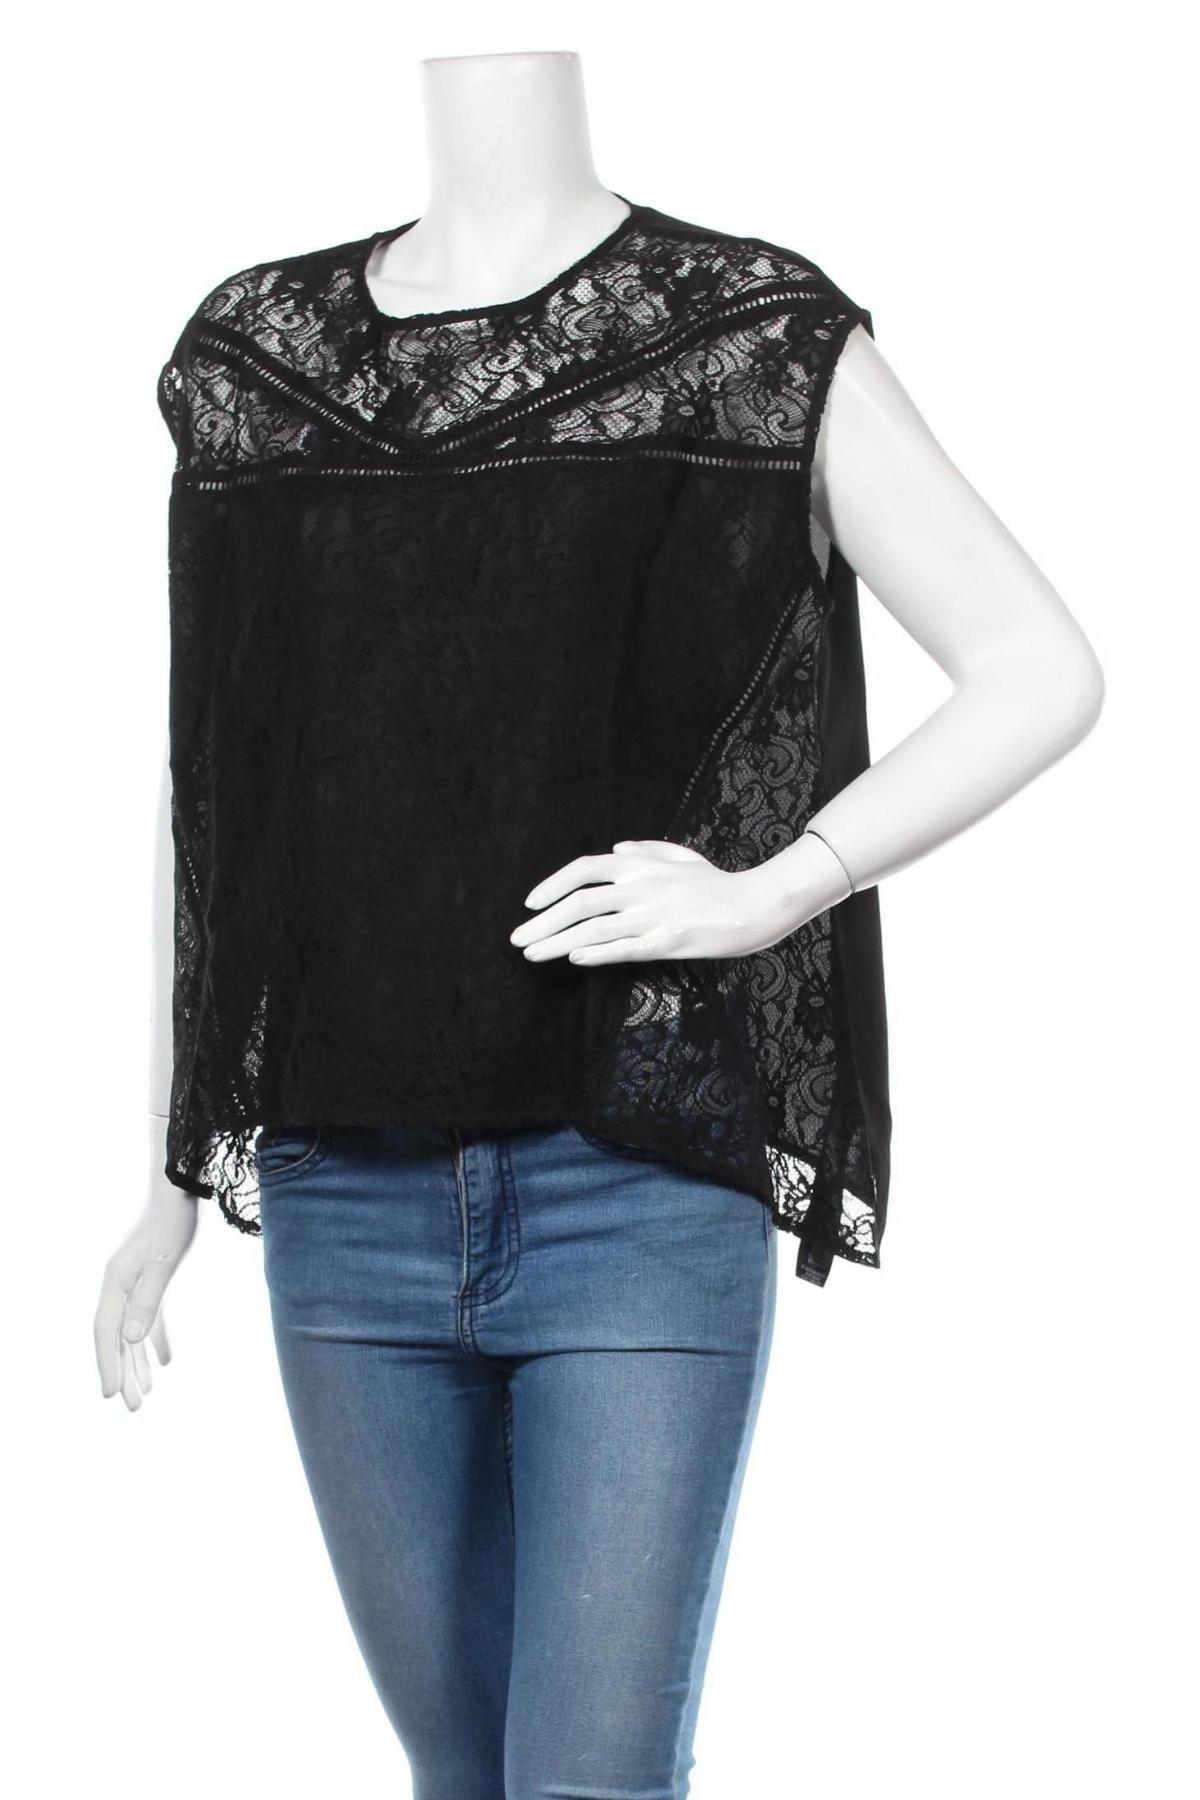 Γυναικεία μπλούζα Le Temps Des Cerises, Μέγεθος S, Χρώμα Μαύρο, 97% πολυεστέρας, 3% ελαστάνη, Τιμή 5,43€